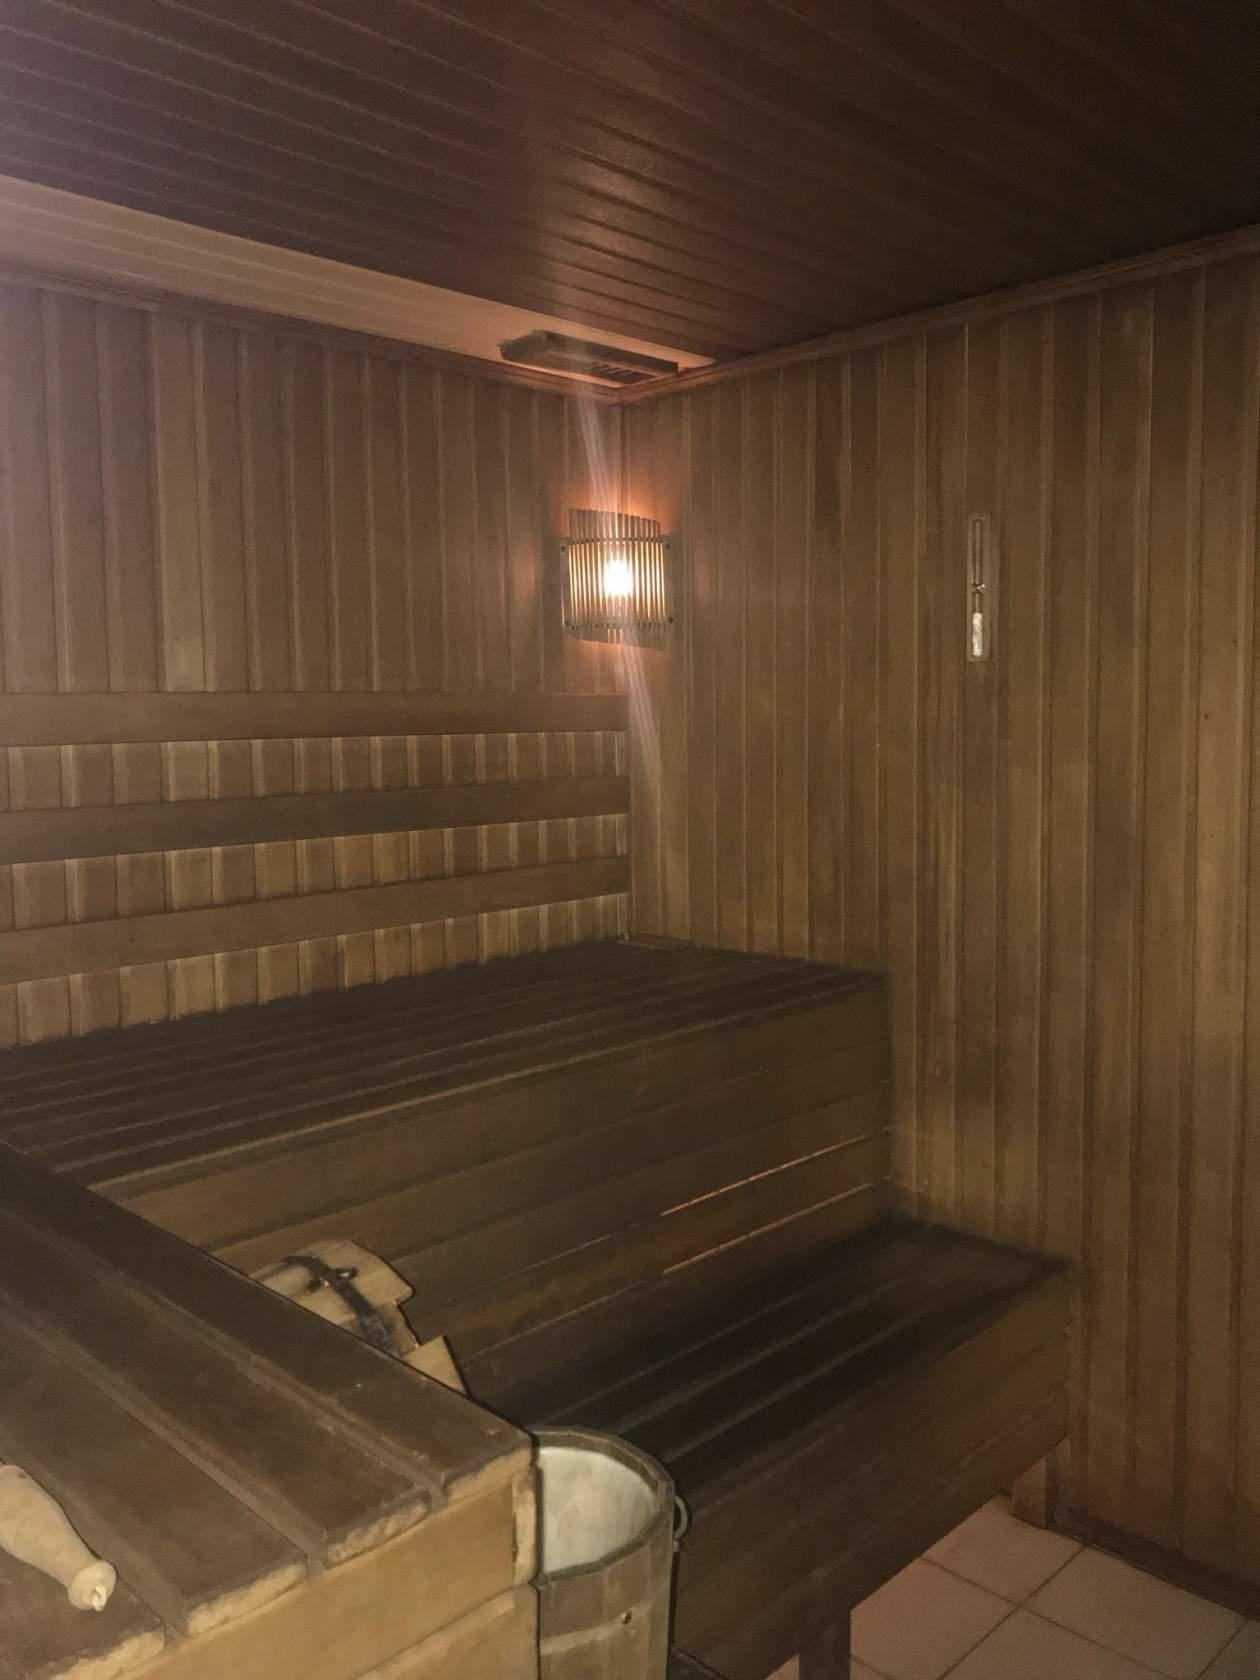 Бани в гараже (44 фото): проекты сауны с гаражом под одной крышей. как сделать баню в подвале гаража своими руками?